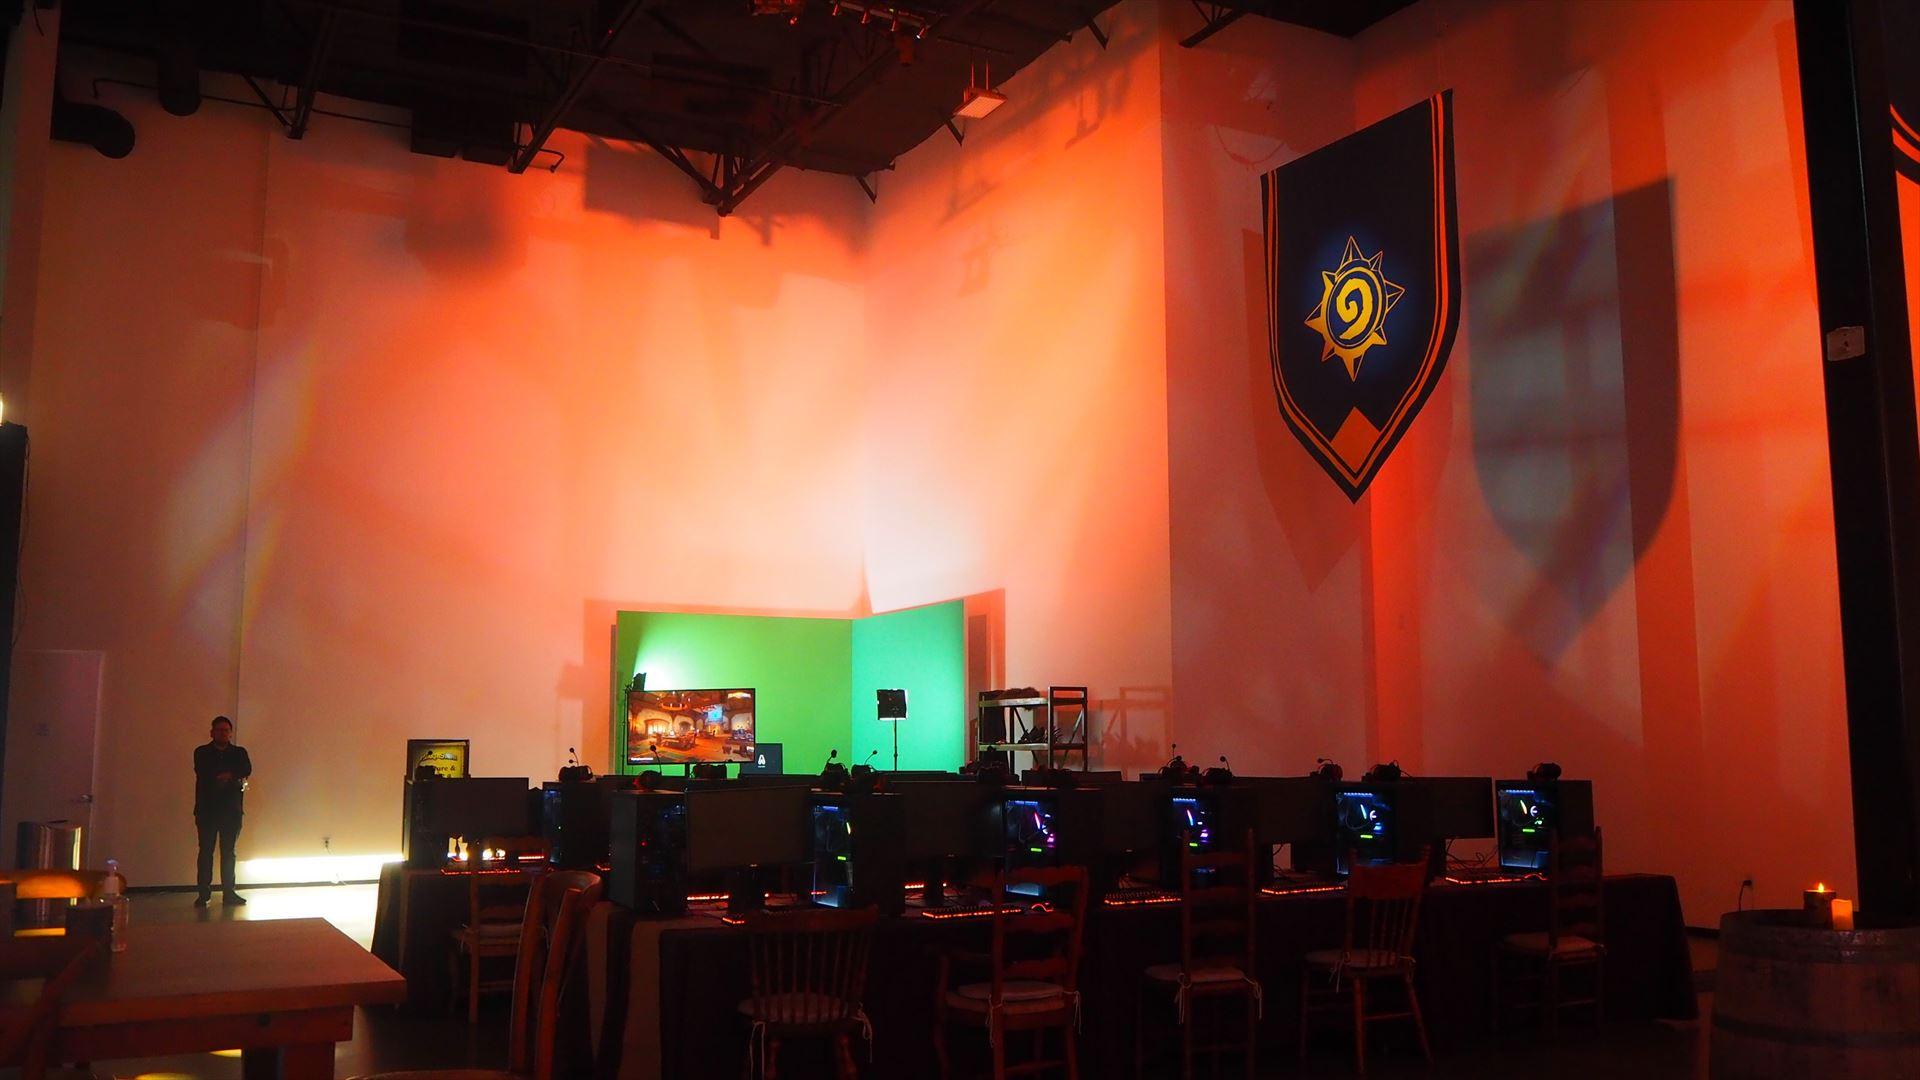 Hearthstone Summit 2020の会場には、PCが40台以上並んだ試遊スペースがあり、じっくり新環境の試遊ができた